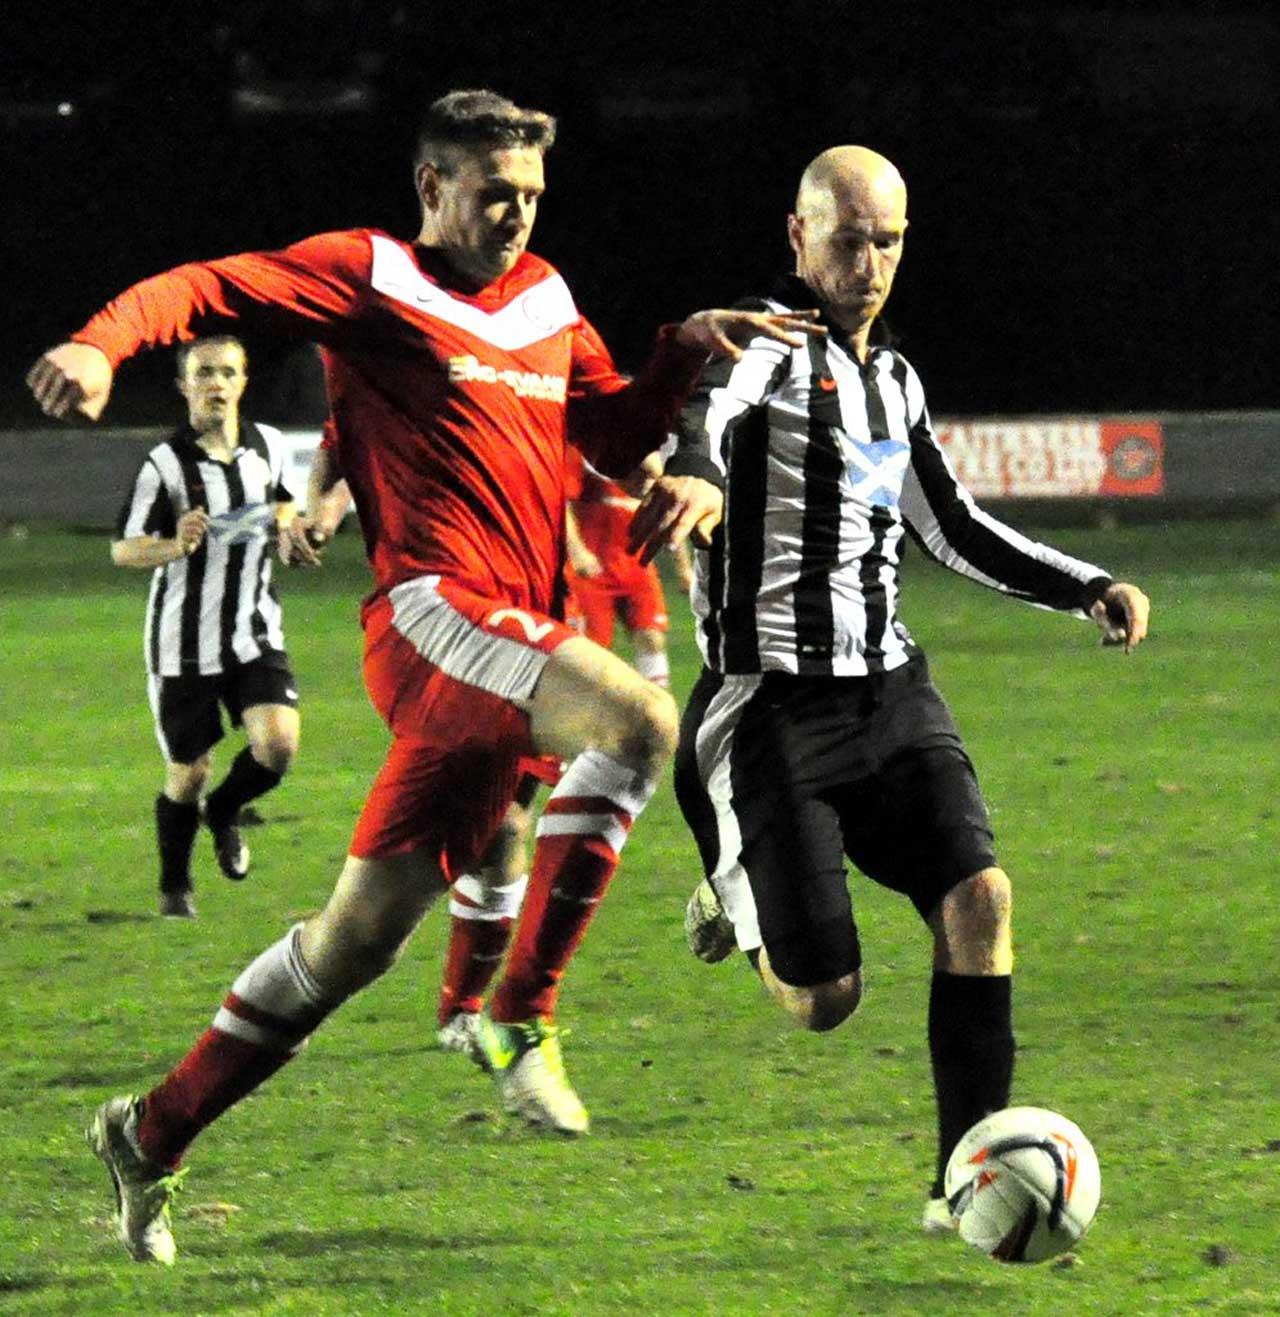 Photo: Wick Academy 0 Brora Rangers 1